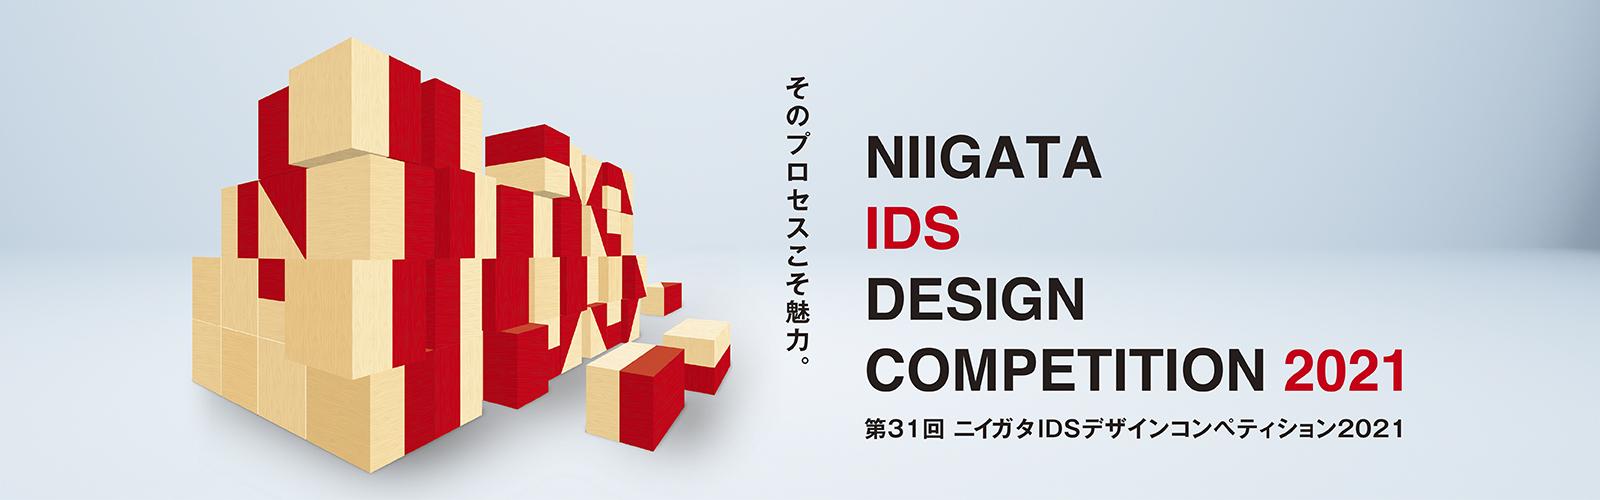 第31回 ニイガタIDSデザインコンペティション2021